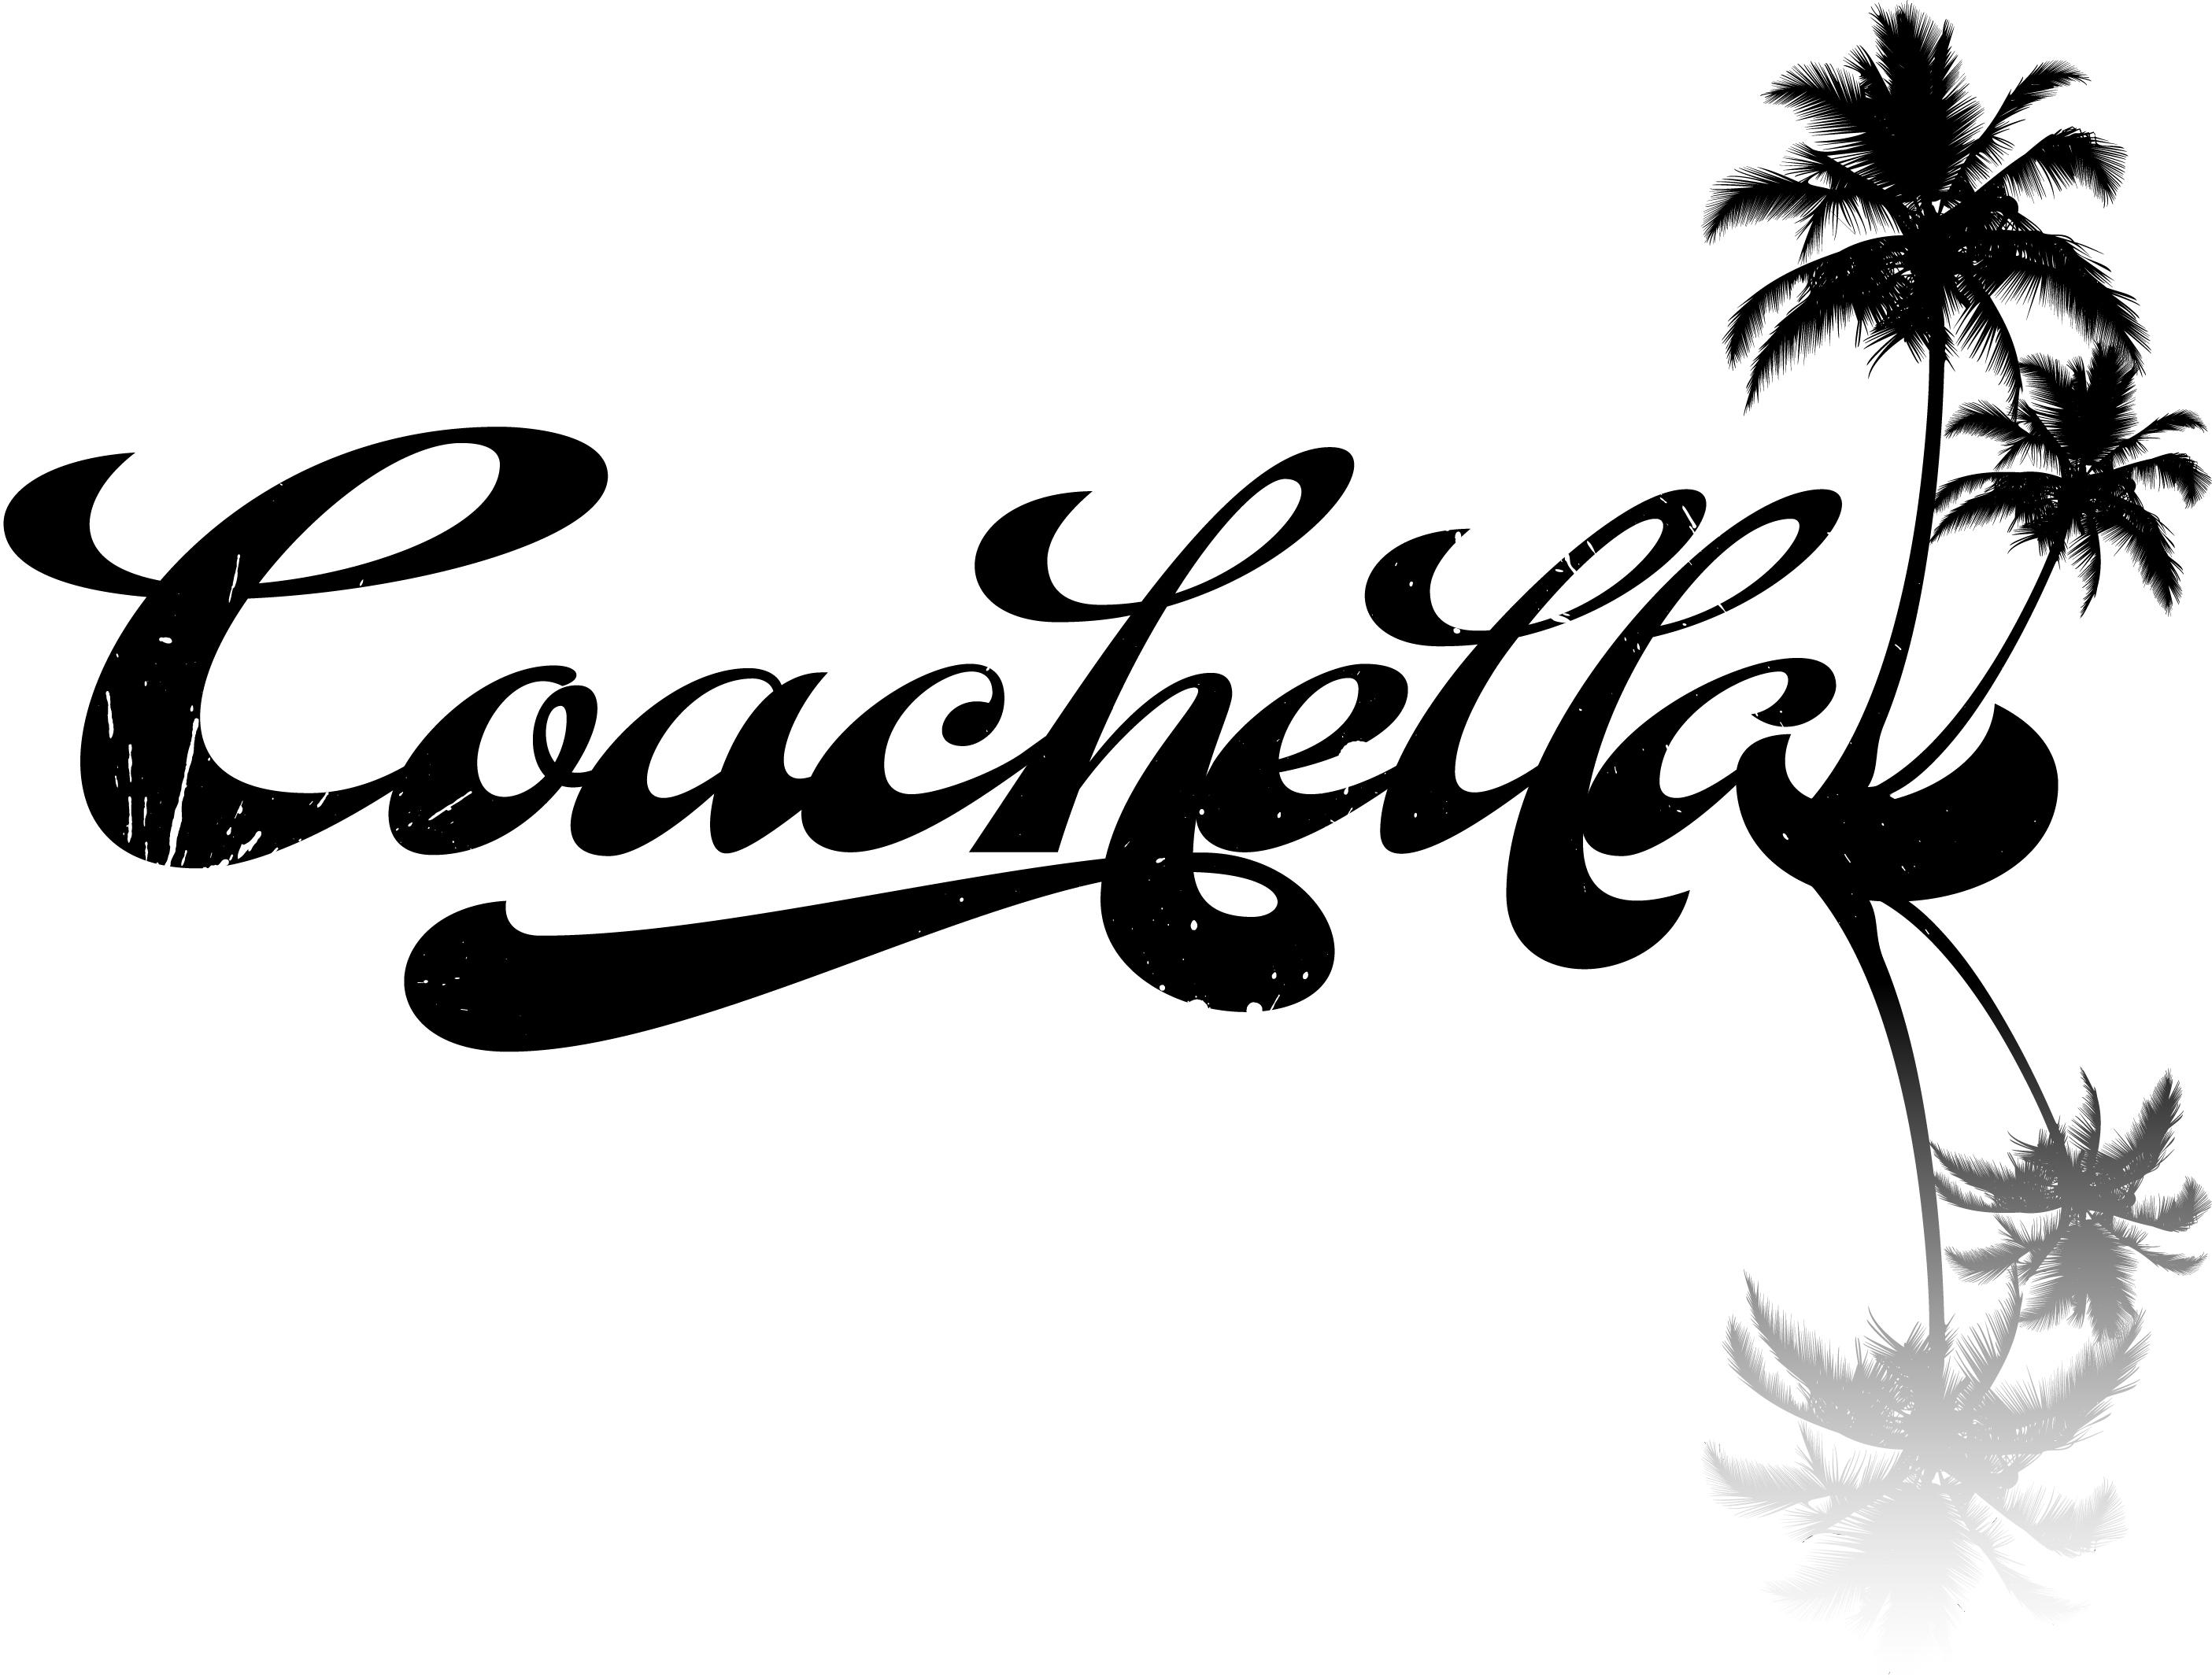 Coachella Valley Music and Arts Annual Festival 2012